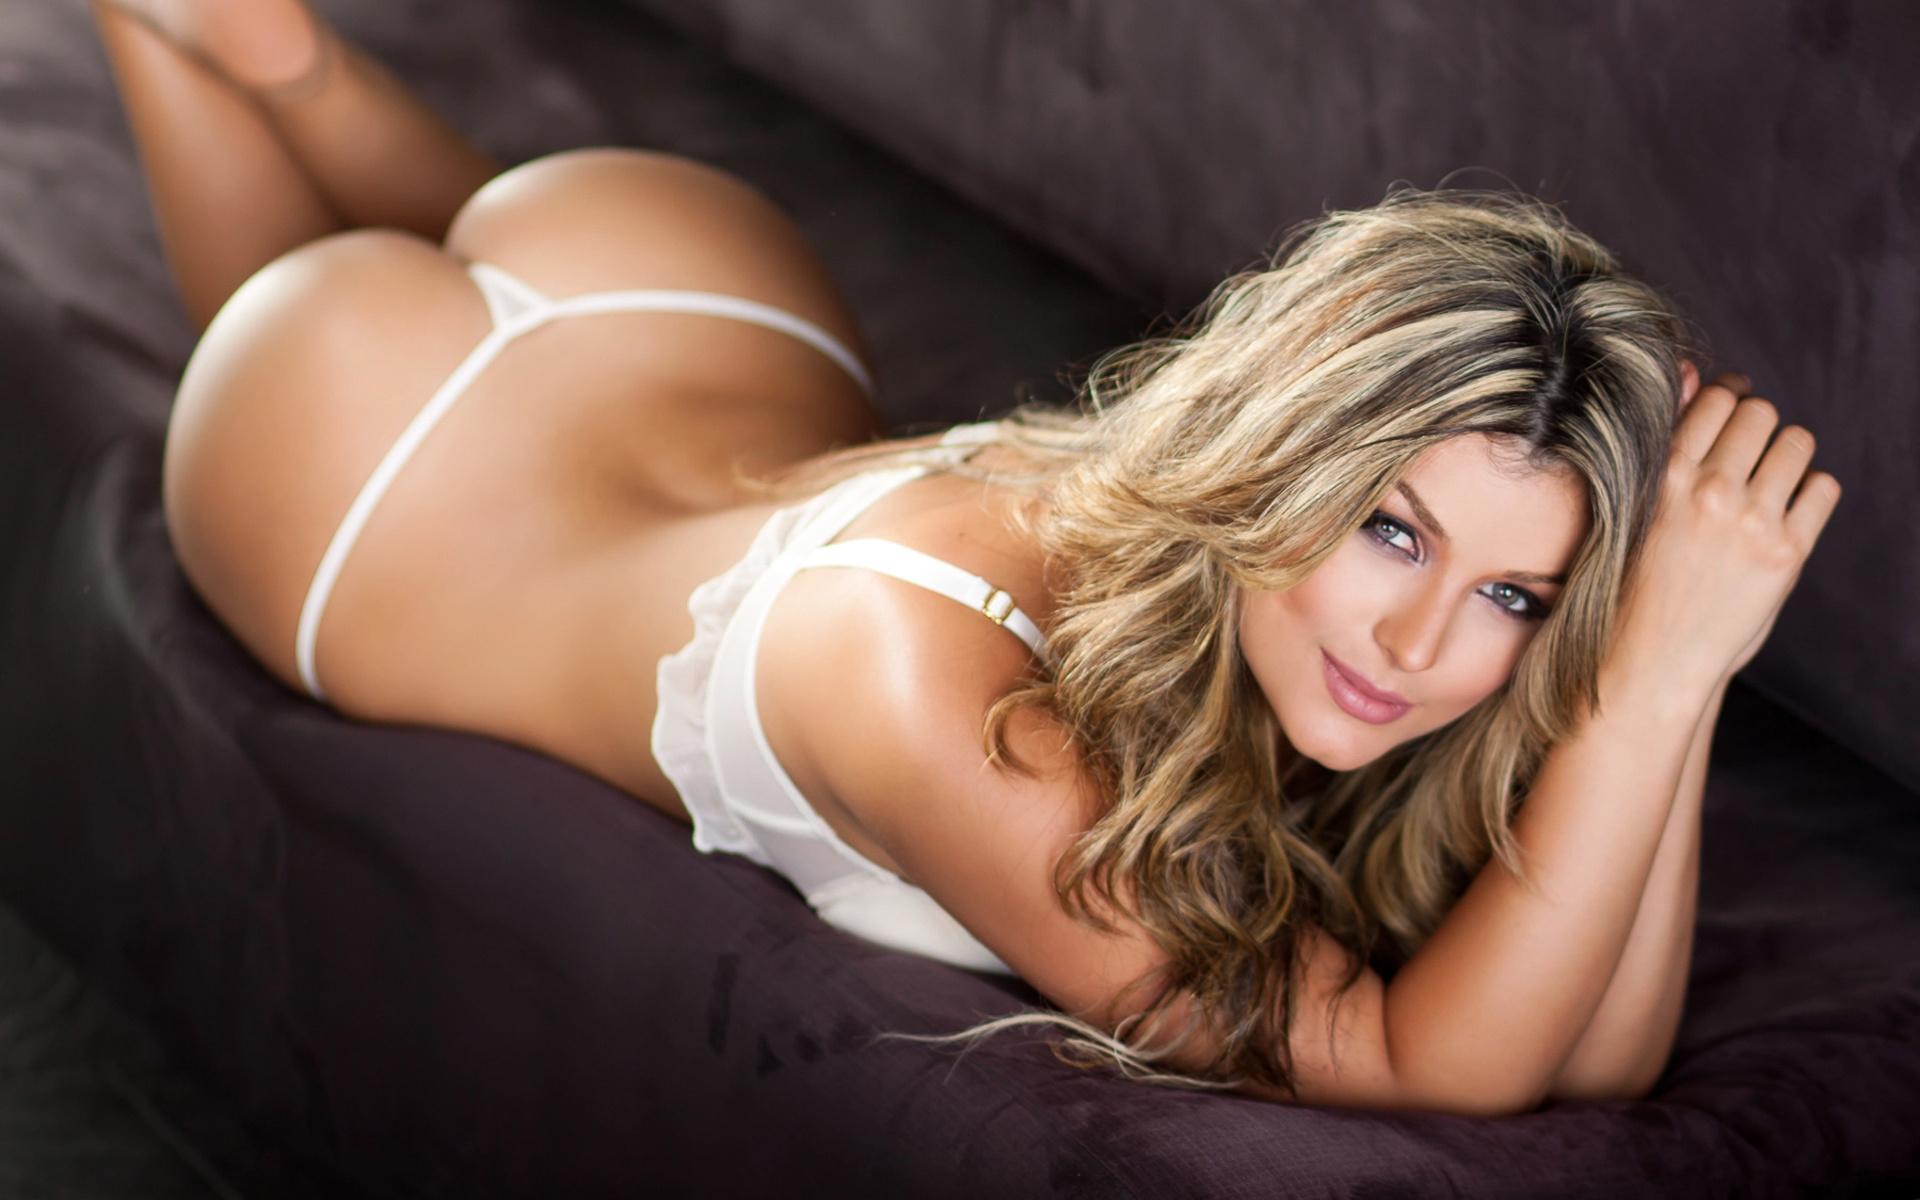 Красивые девушки в стрингах нижнее белье смотреть онлайн